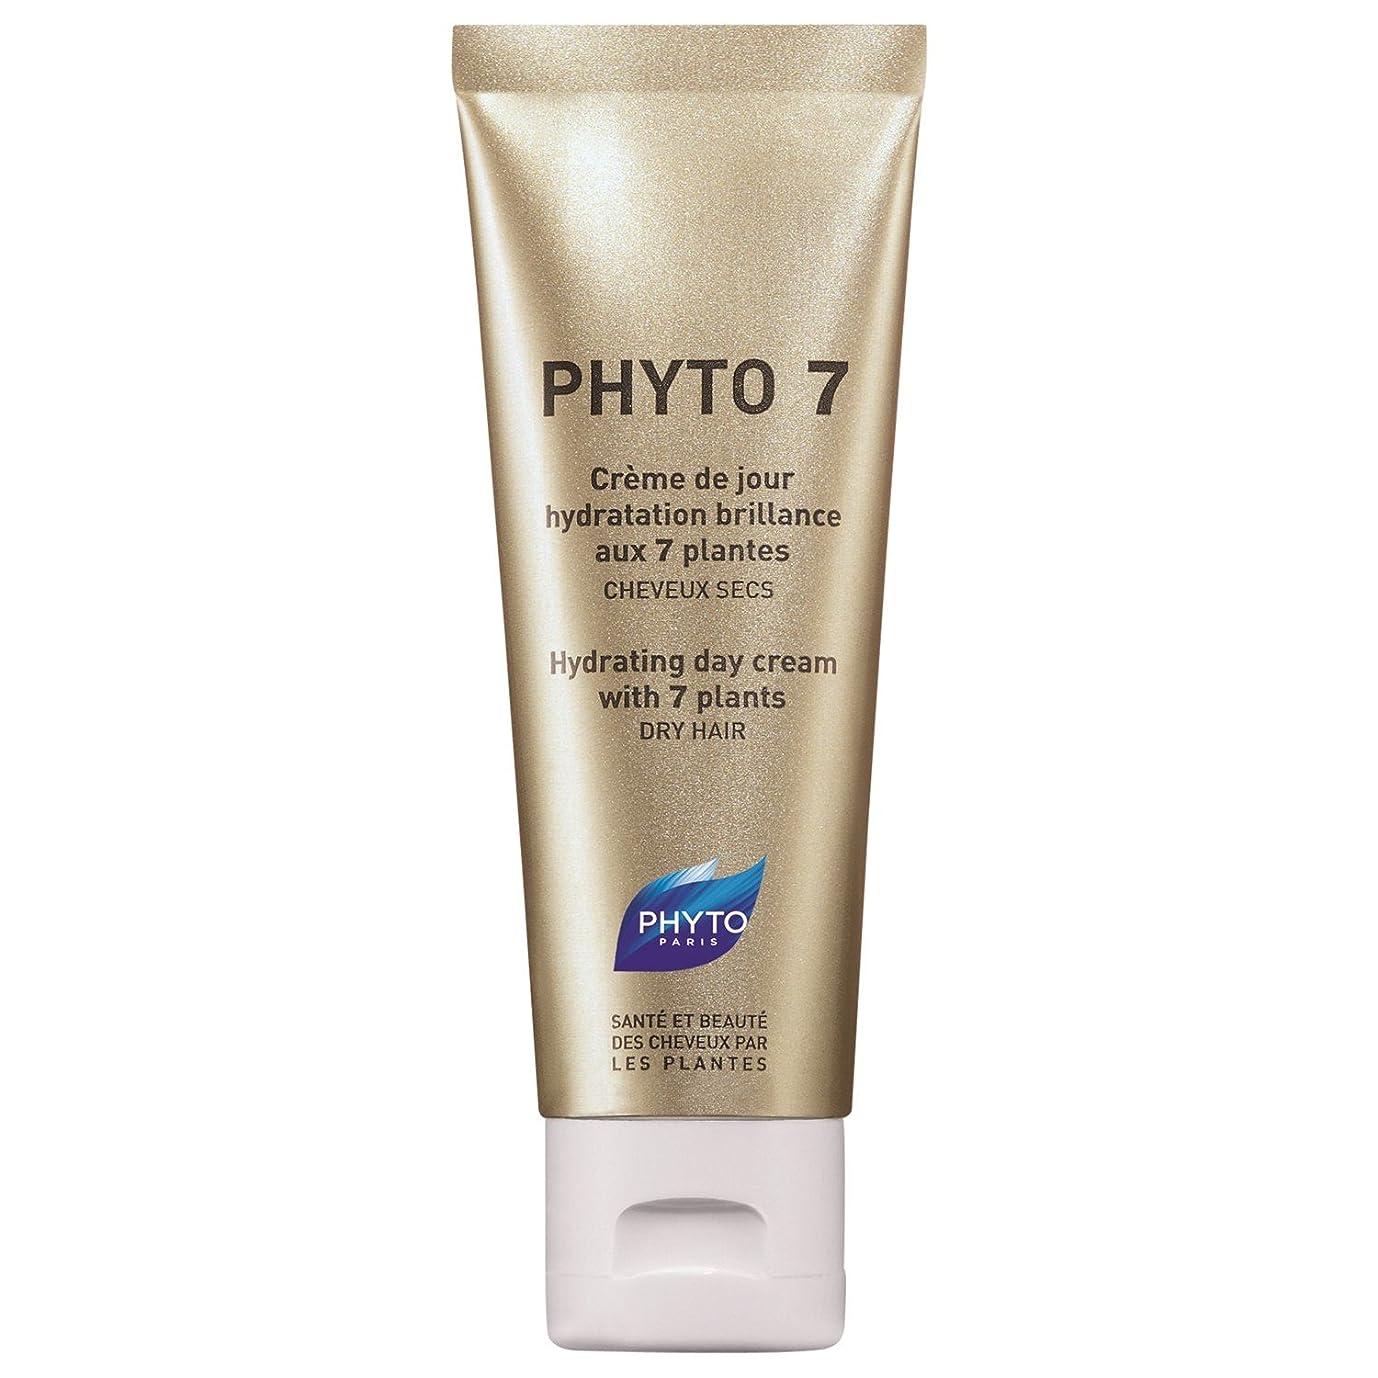 ストローク起こるプーノフィト7水和デイクリーム50ミリリットル (Phyto) - Phyto 7 Hydrating Day Cream 50ml [並行輸入品]